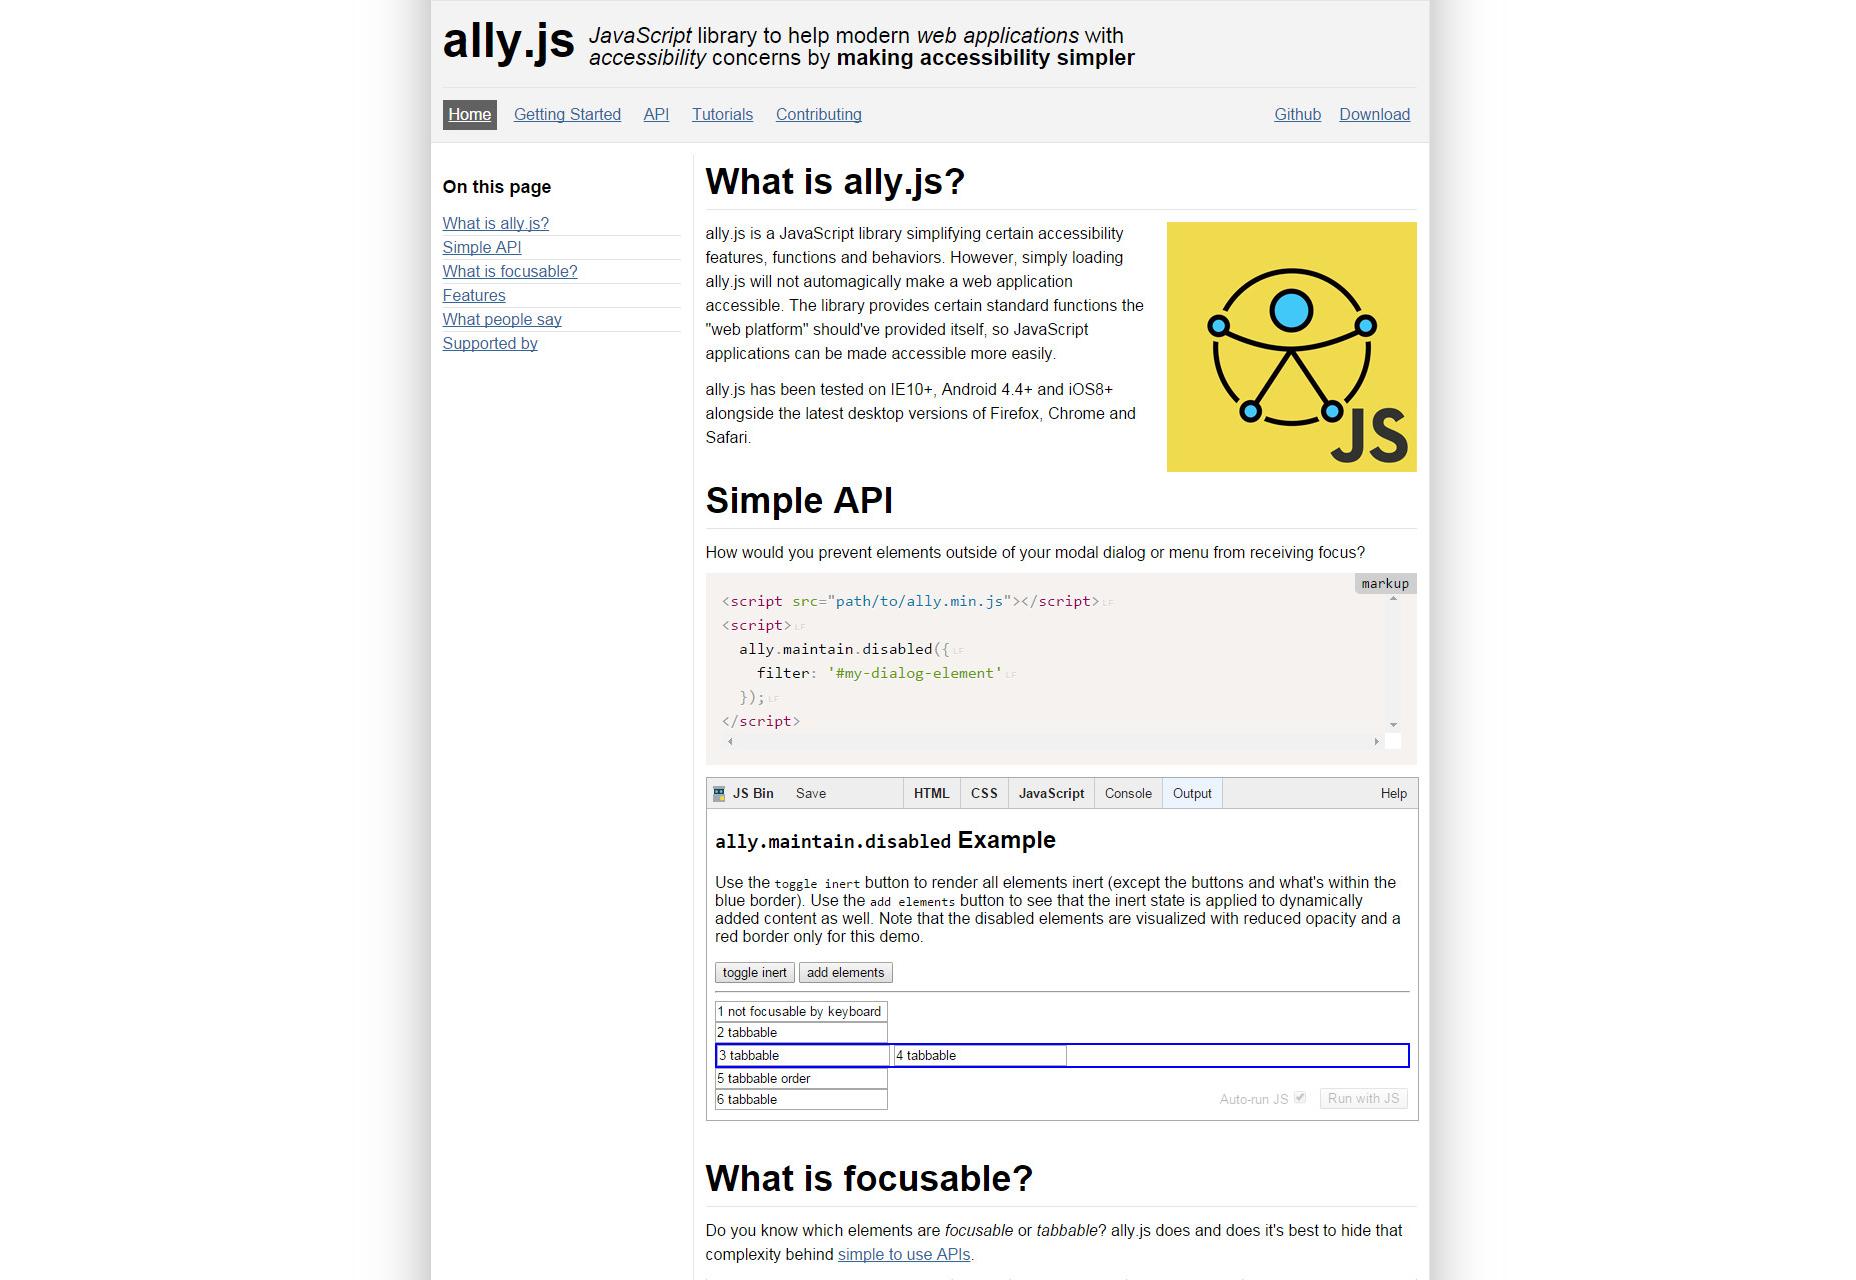 Ally.js: biblioteca de JavaScript de accesibilidad primero